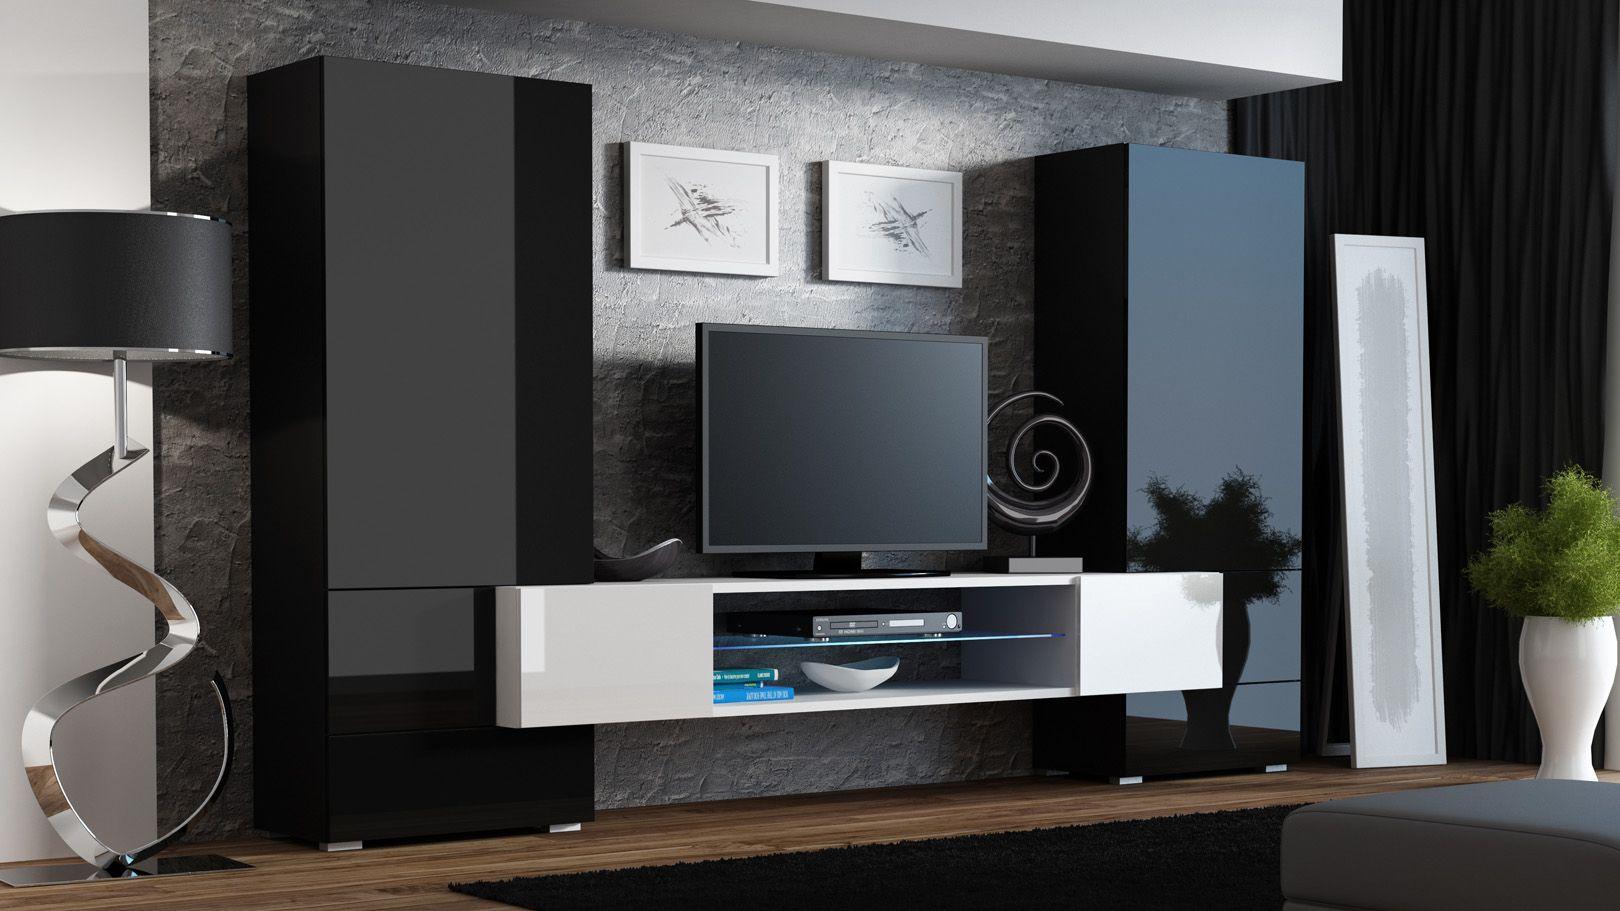 Meuble Tv Moderne Meubles Tv Design Meuble De Television Meuble Tv Meuble Tele Meuble Tv Mu Avec Images Meuble Tv Mural Design Mobilier De Salon Meuble Tv Design